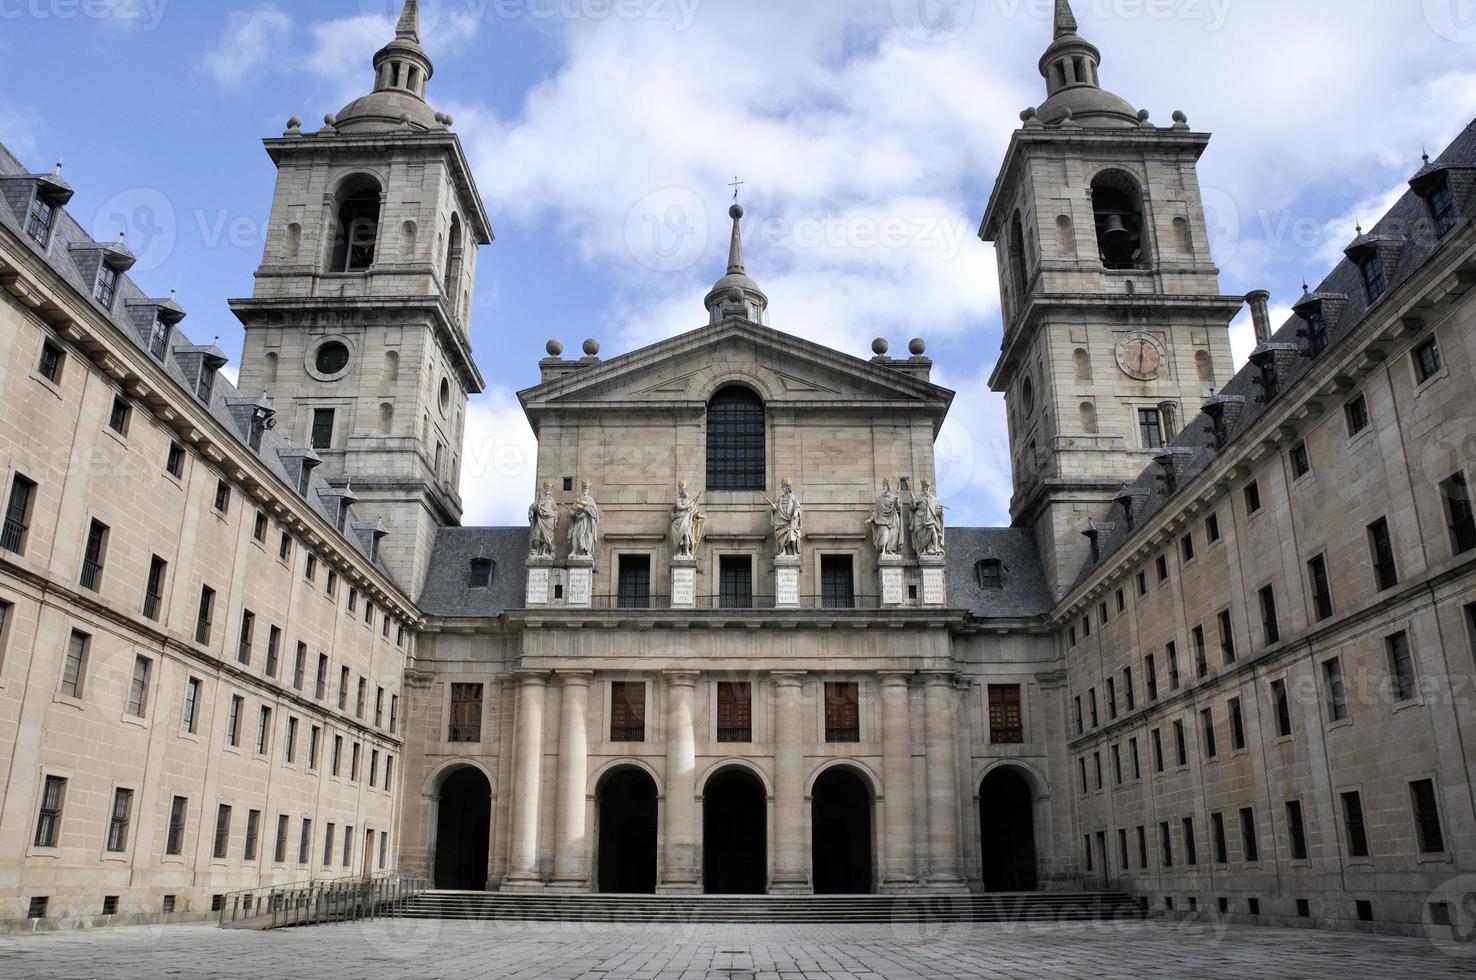 königliches kloster von san lorenzo de el escorial, madrid (spanien) foto